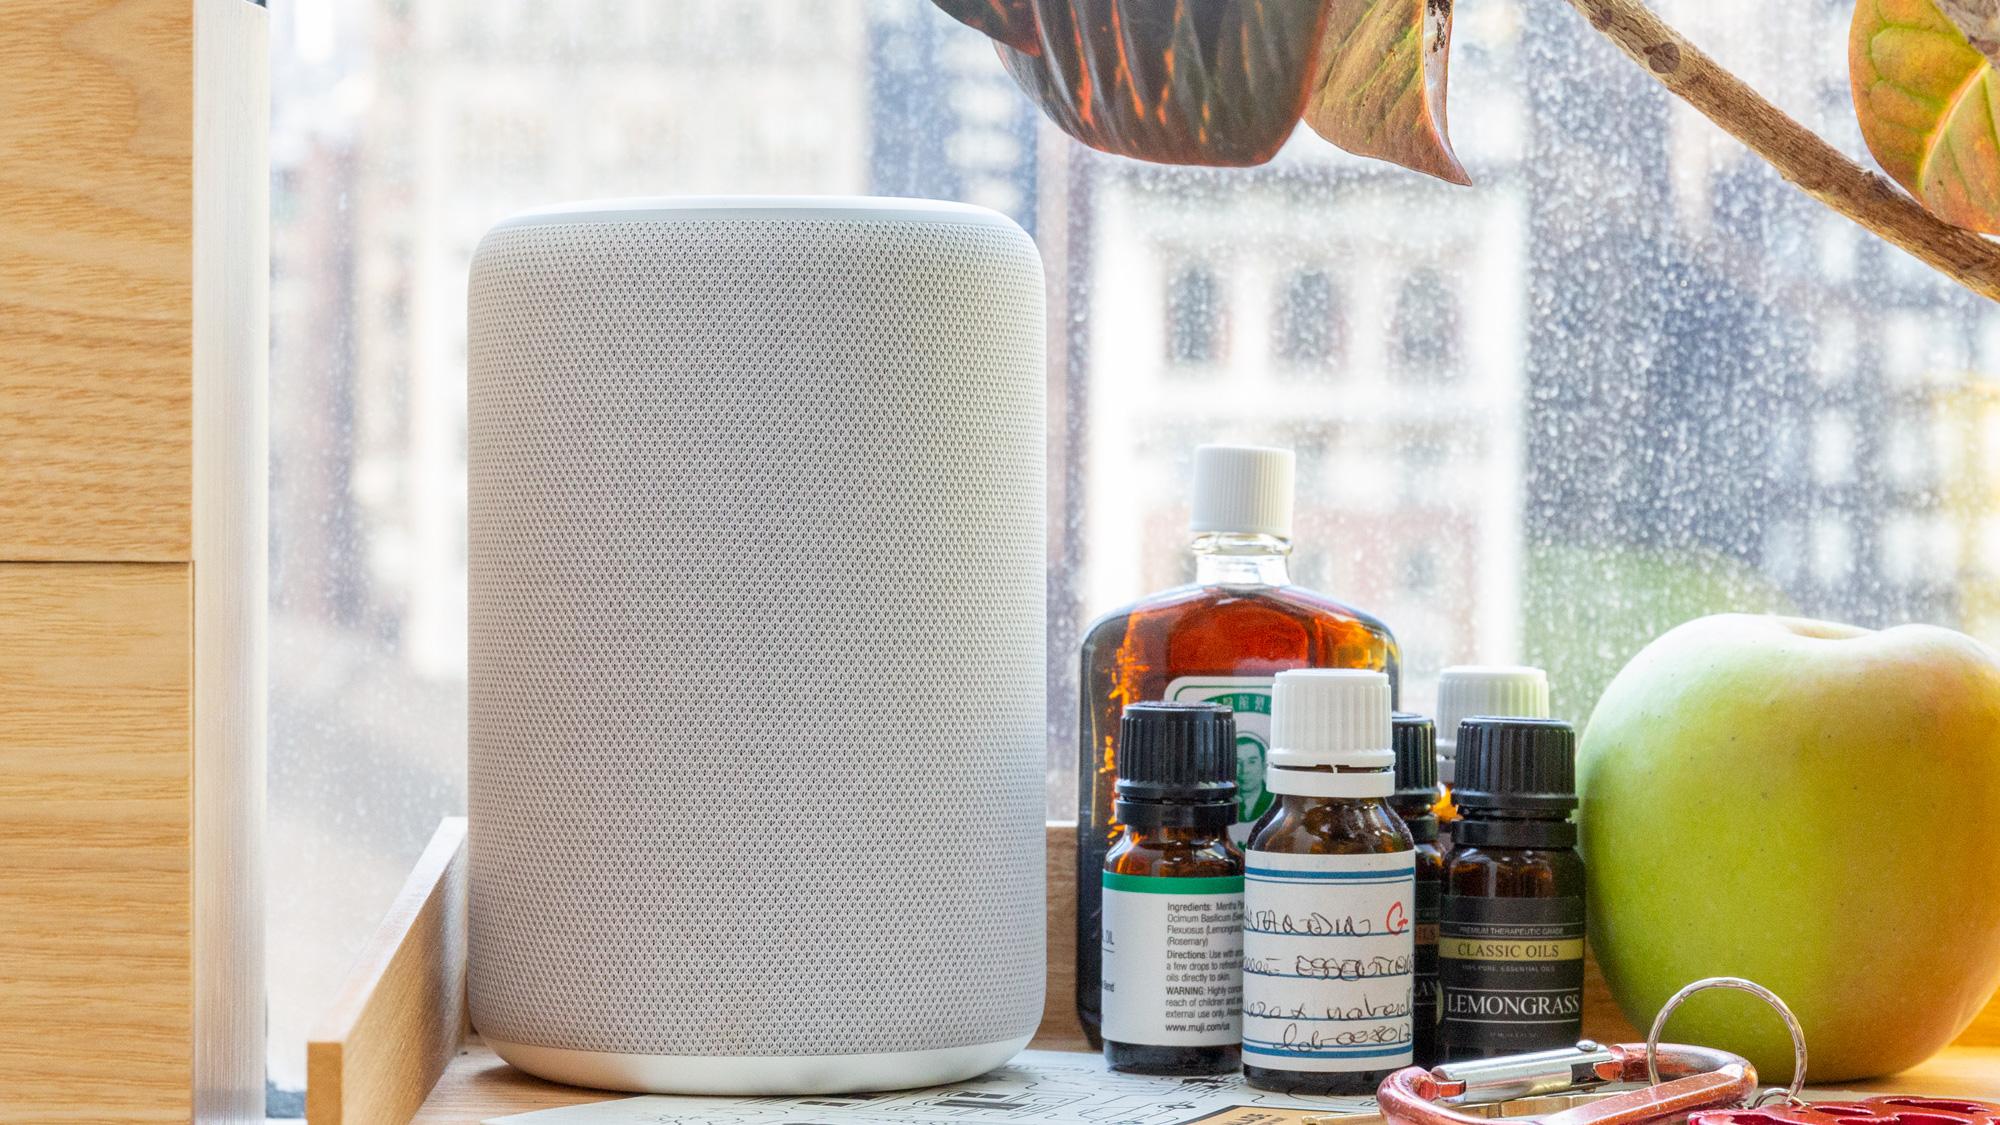 Cómo usar música en varias habitaciones con Amazon Echo, Echo Dot y Echo Show